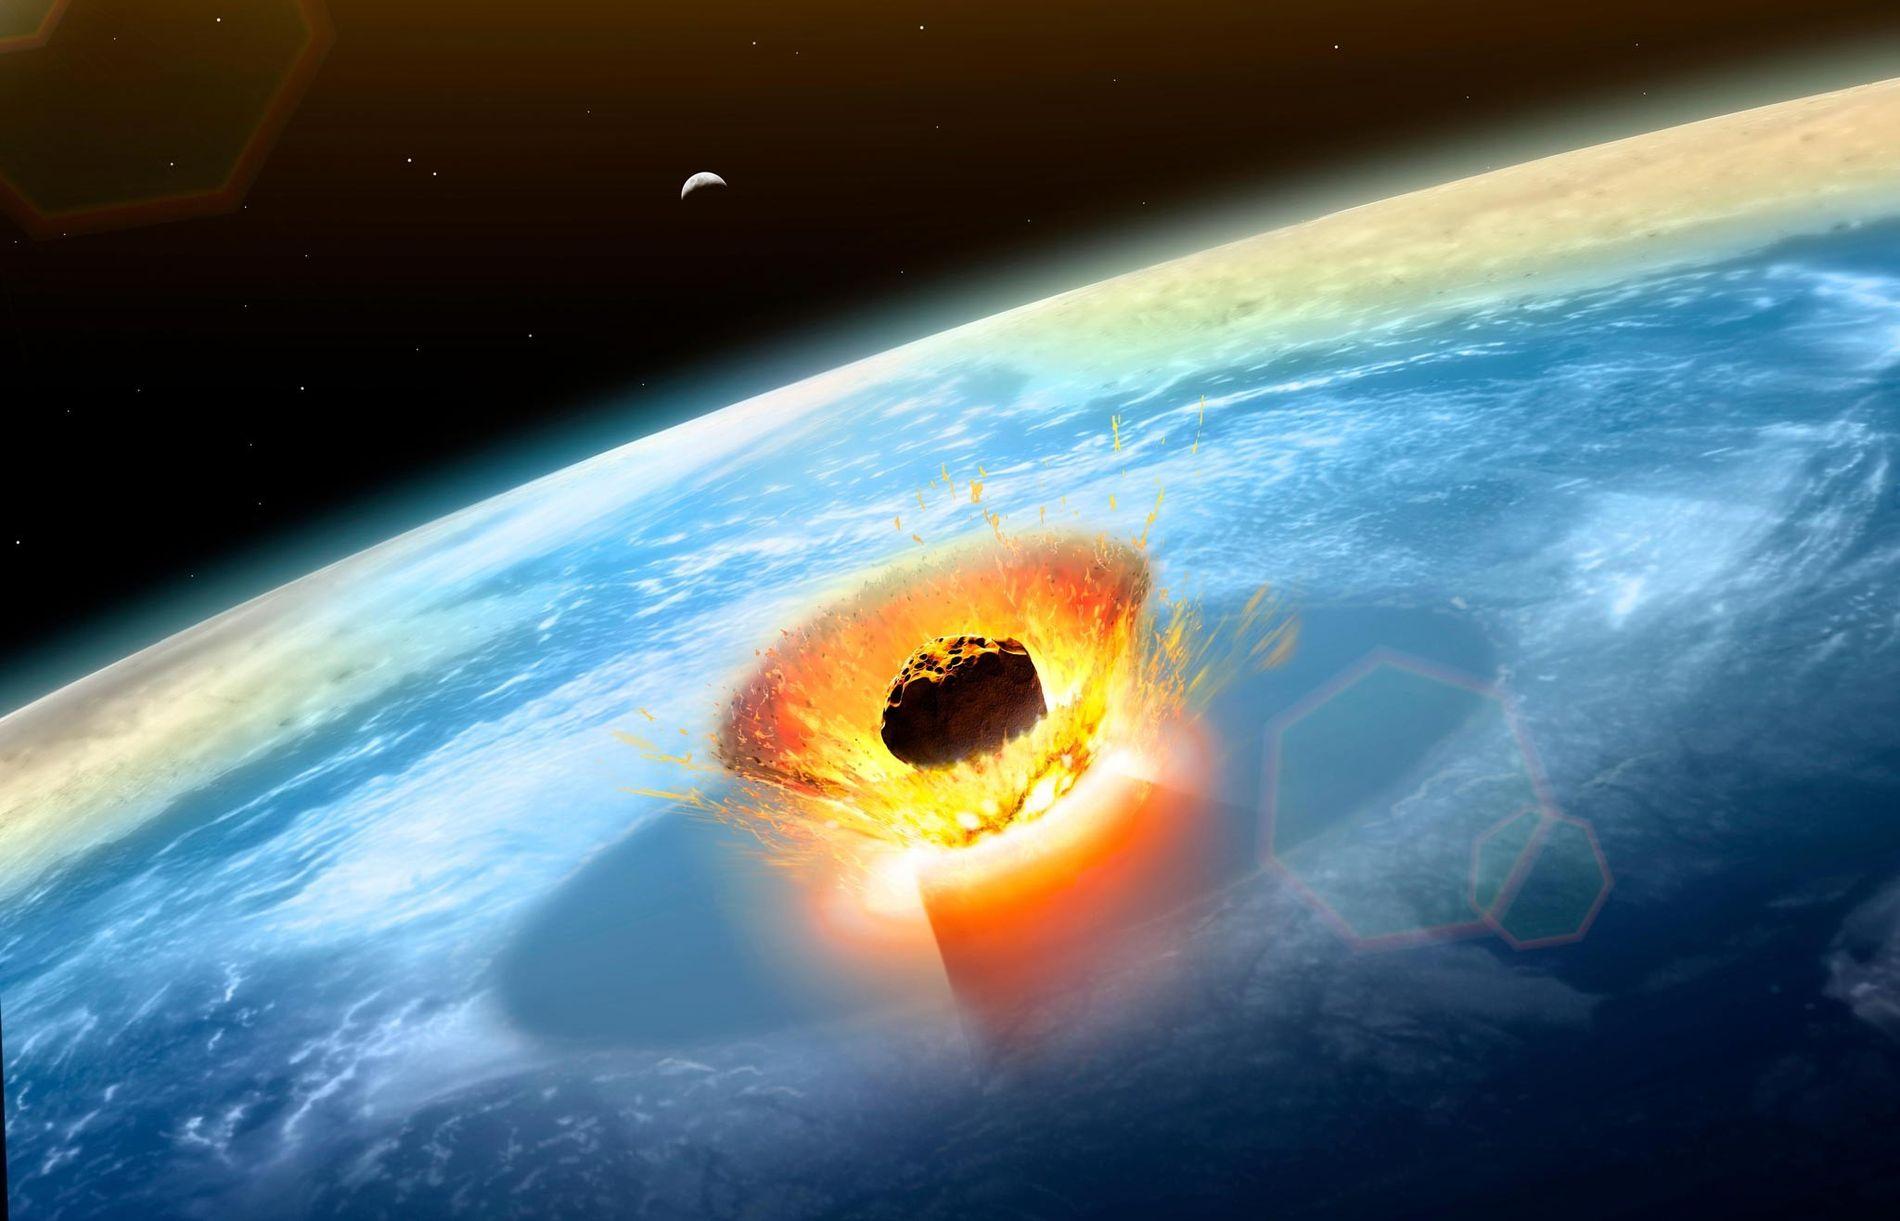 En une fraction de seconde, l'impact de Chicxulub avait métamorphosé la vie sur Terre, formé un cratère colossal, vaporisé et éjecté des centaines de tonnes de roches avant d'asséner un coup fatal à toute forme de vie animale ou végétale. Récemment, des chercheurs sont parvenus à reconstruire avec une précision ahurissante la chronologie du chaos qui a suivi cet impact en analysant les roches situées sous le cratère lors de cette journée funeste.